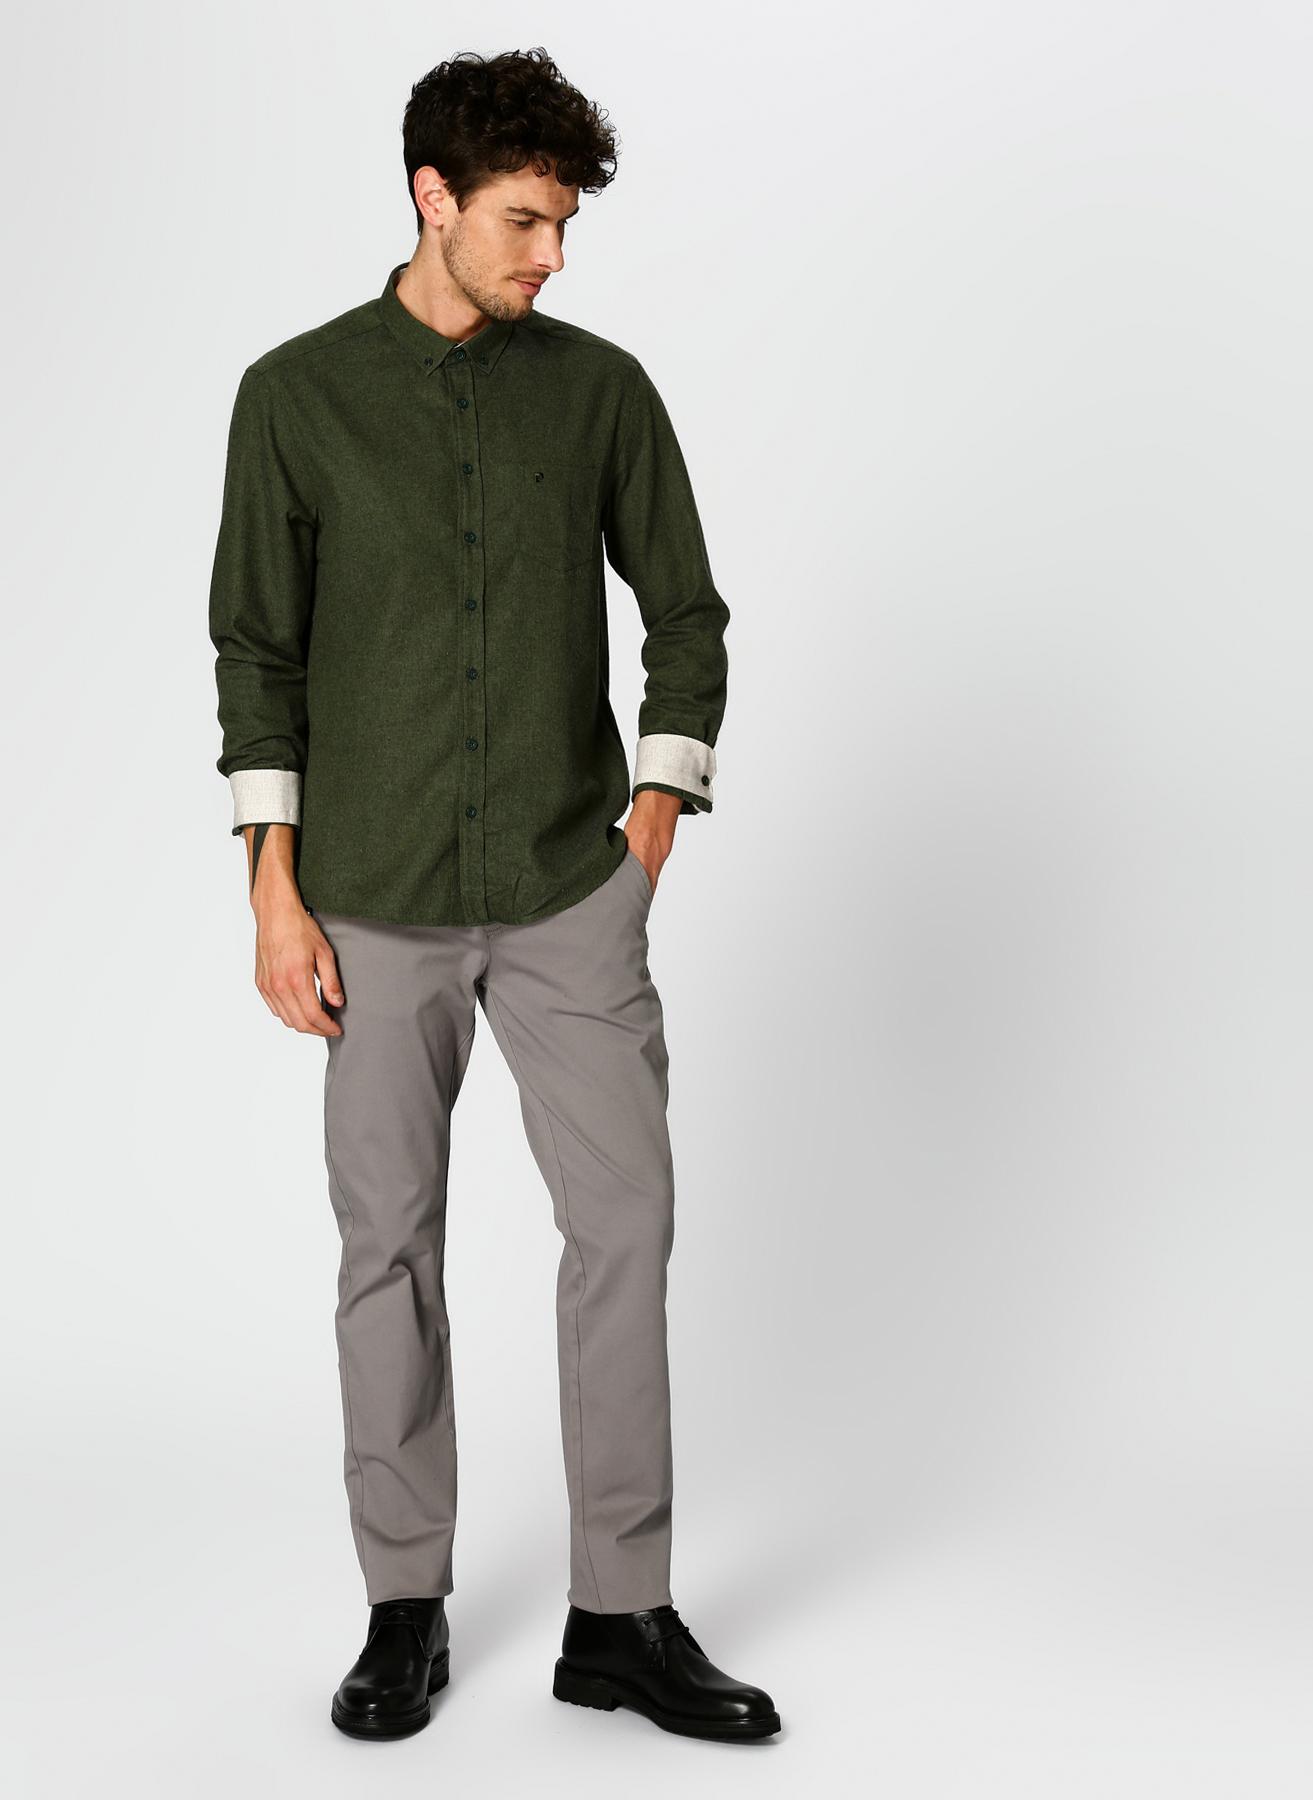 Pierre Cardin Gri Klasik Pantolon 40 5001697833009 Ürün Resmi